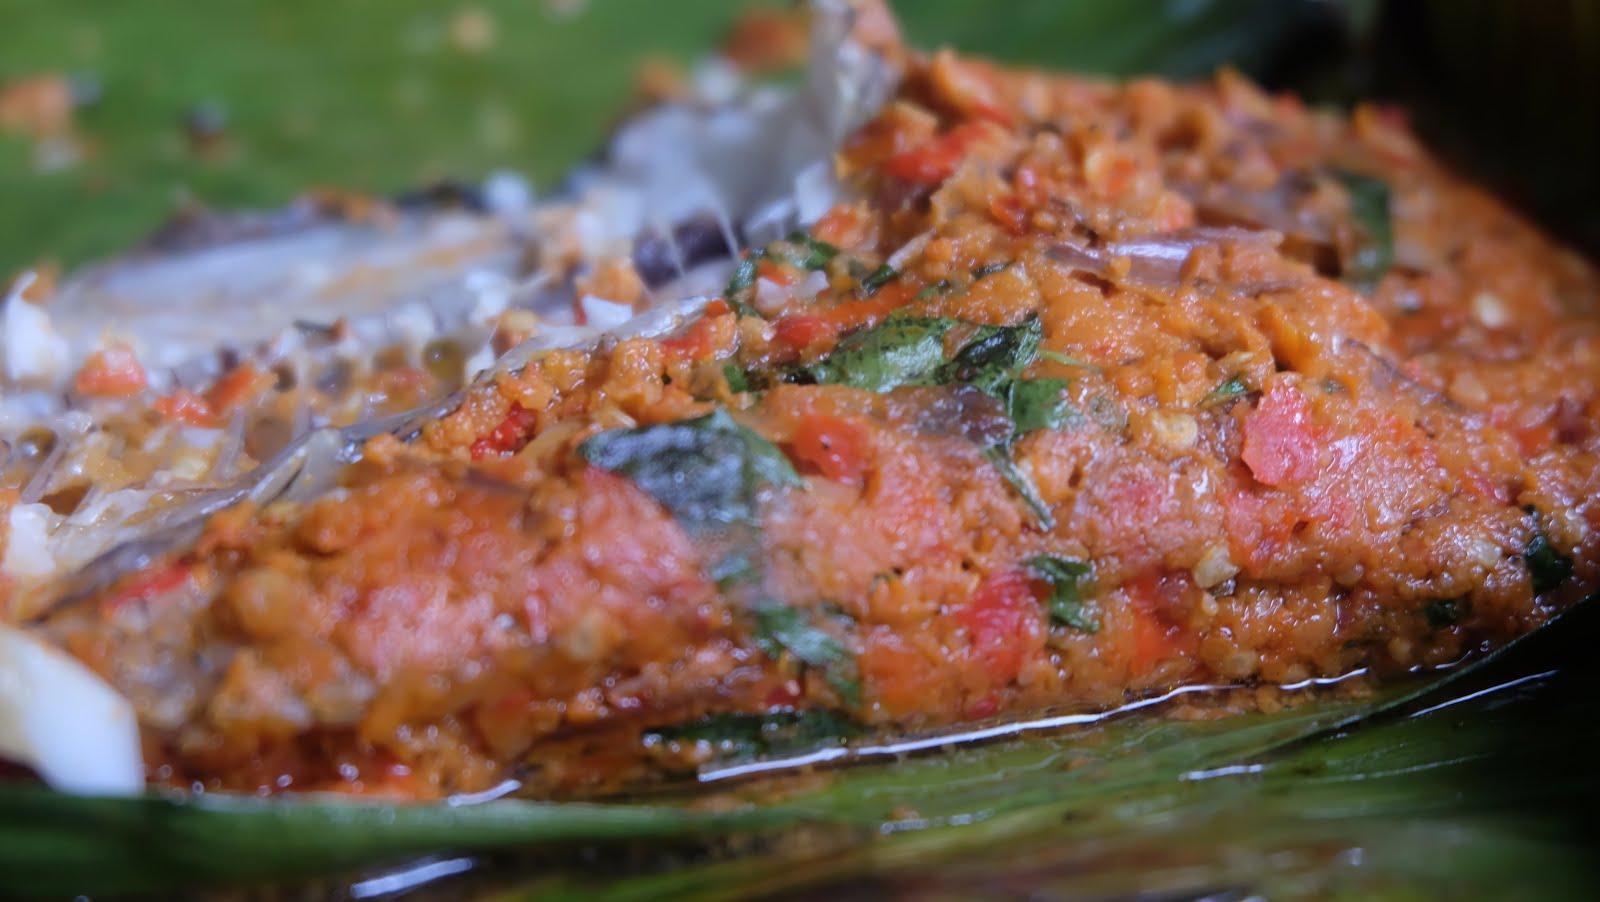 Jual Pepes Gurami Frozen Pan Brayut - original - Warung Pan Brayut